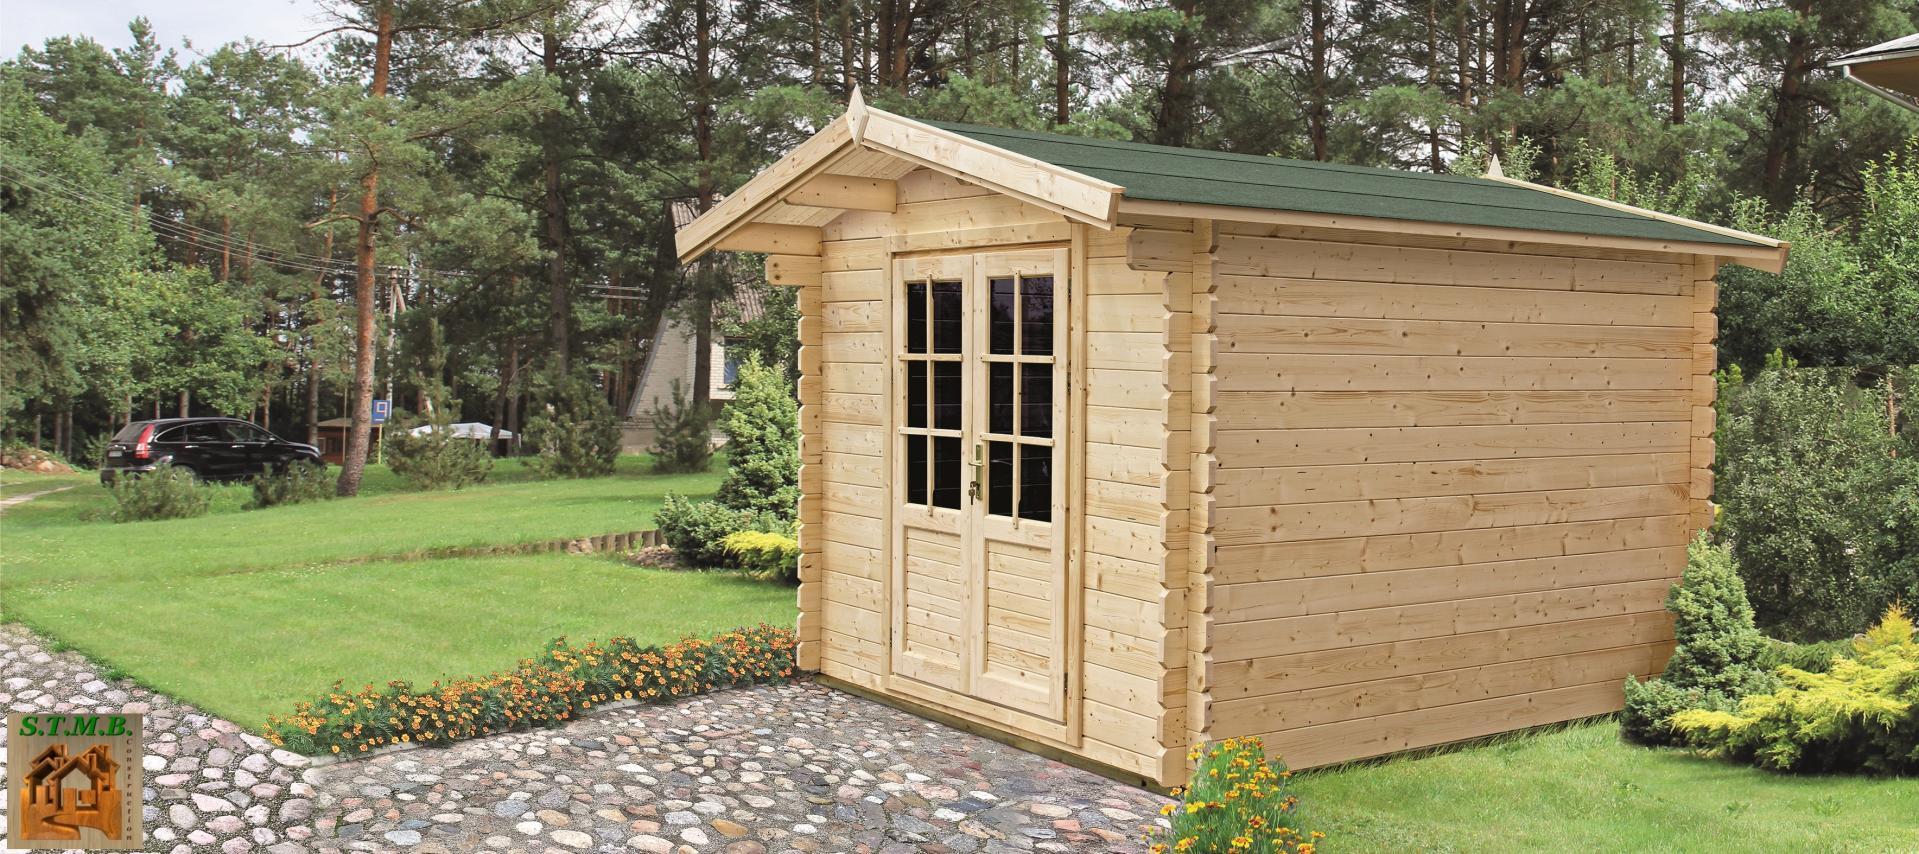 Chalet de jardin en bois chalet jardin 34 mm for Chalet jardin en bois